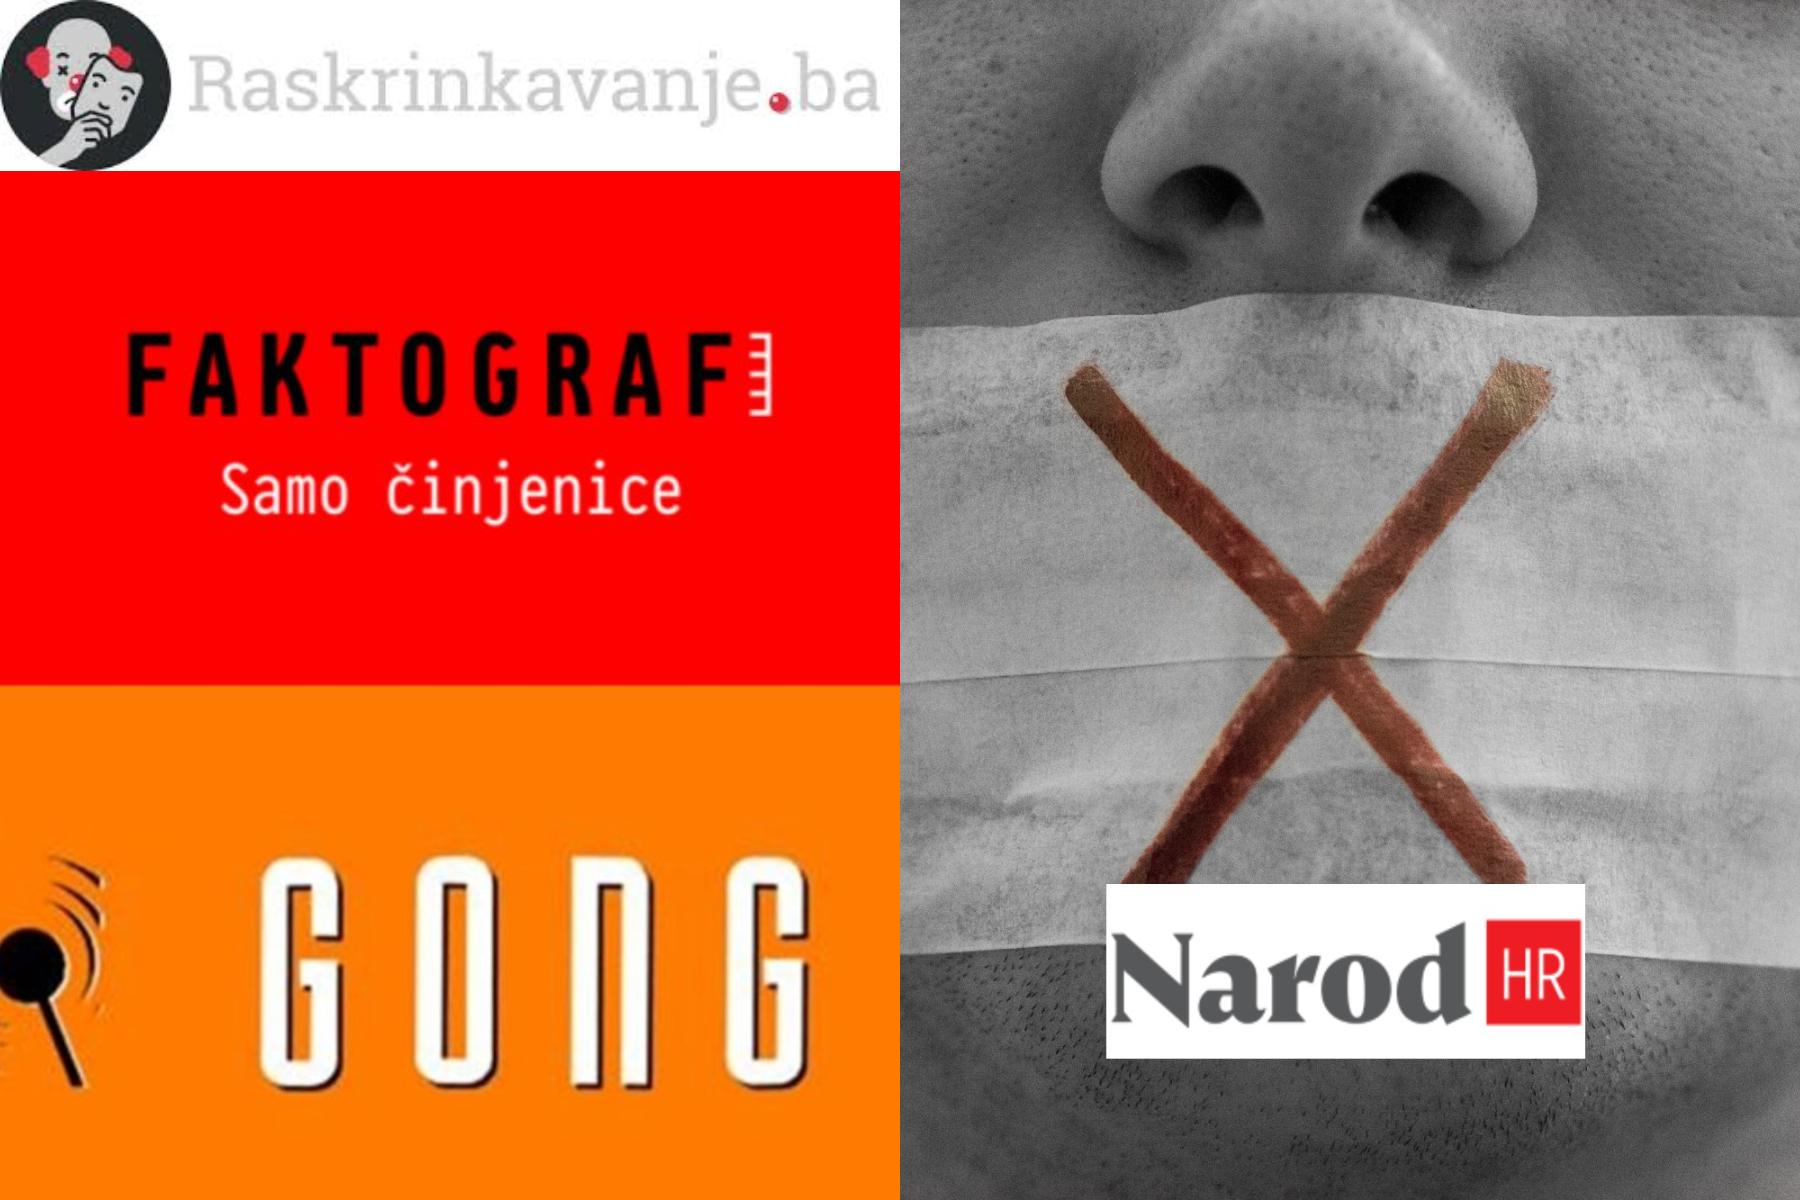 Nova cenzura od Faktograf.hr i Raskrinkavanje.ba nakon što je FB uvažio žalbu Narod.hr-a